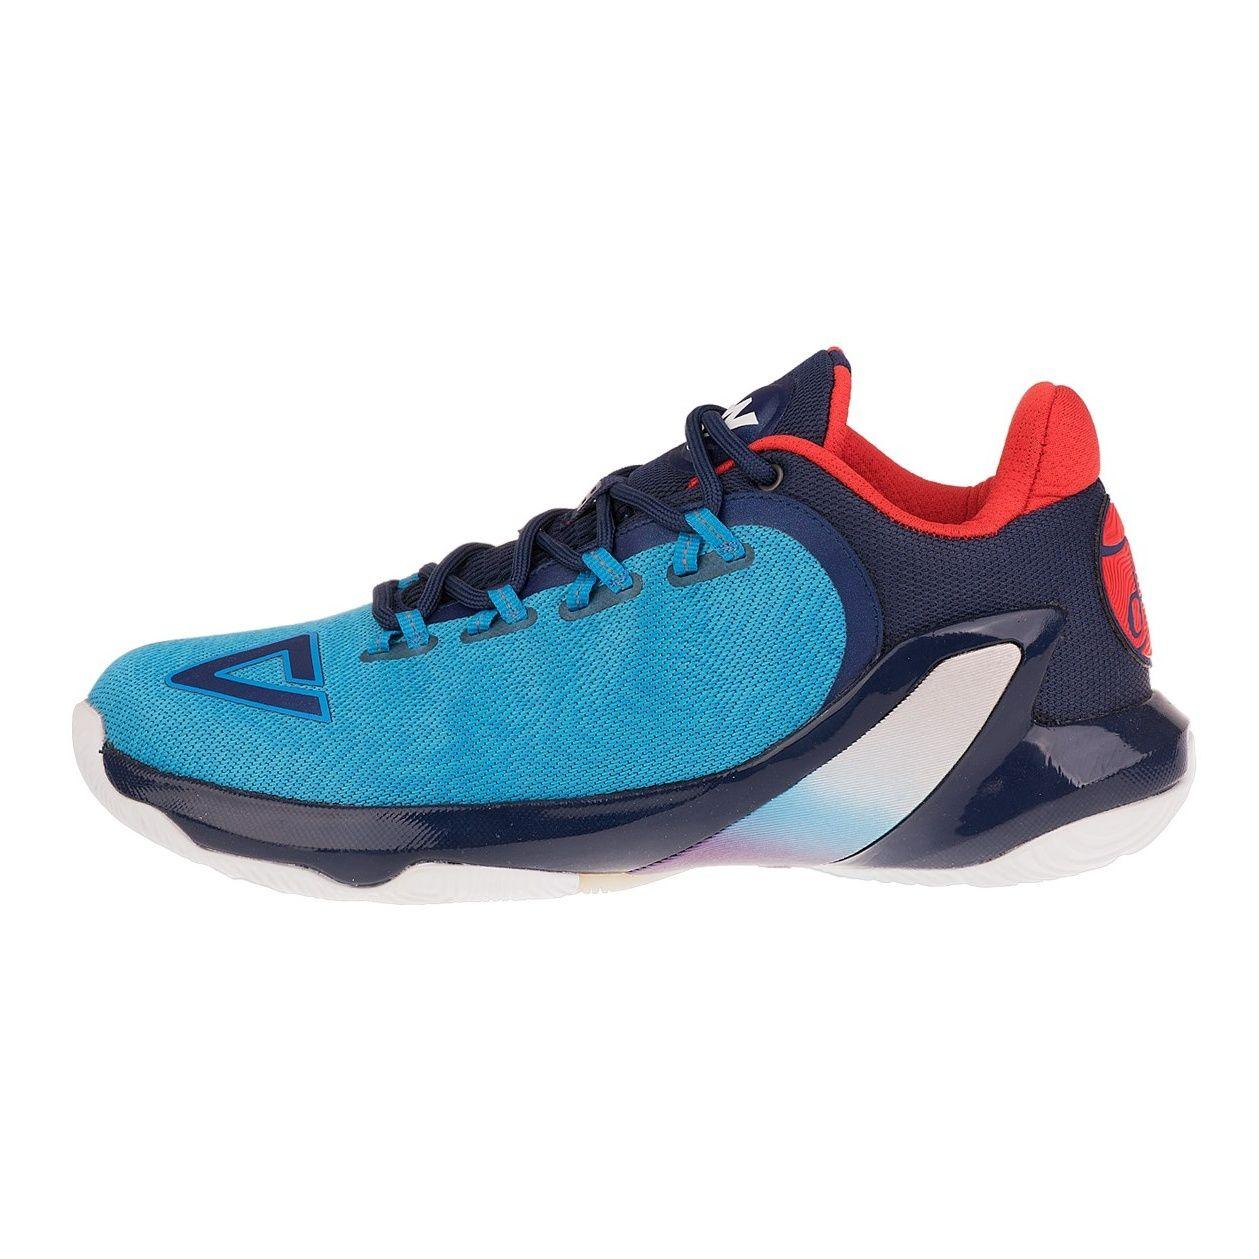 کفش بسکتبال مردانه پیک مدل E73323A 2 Tony Parker -  - 1